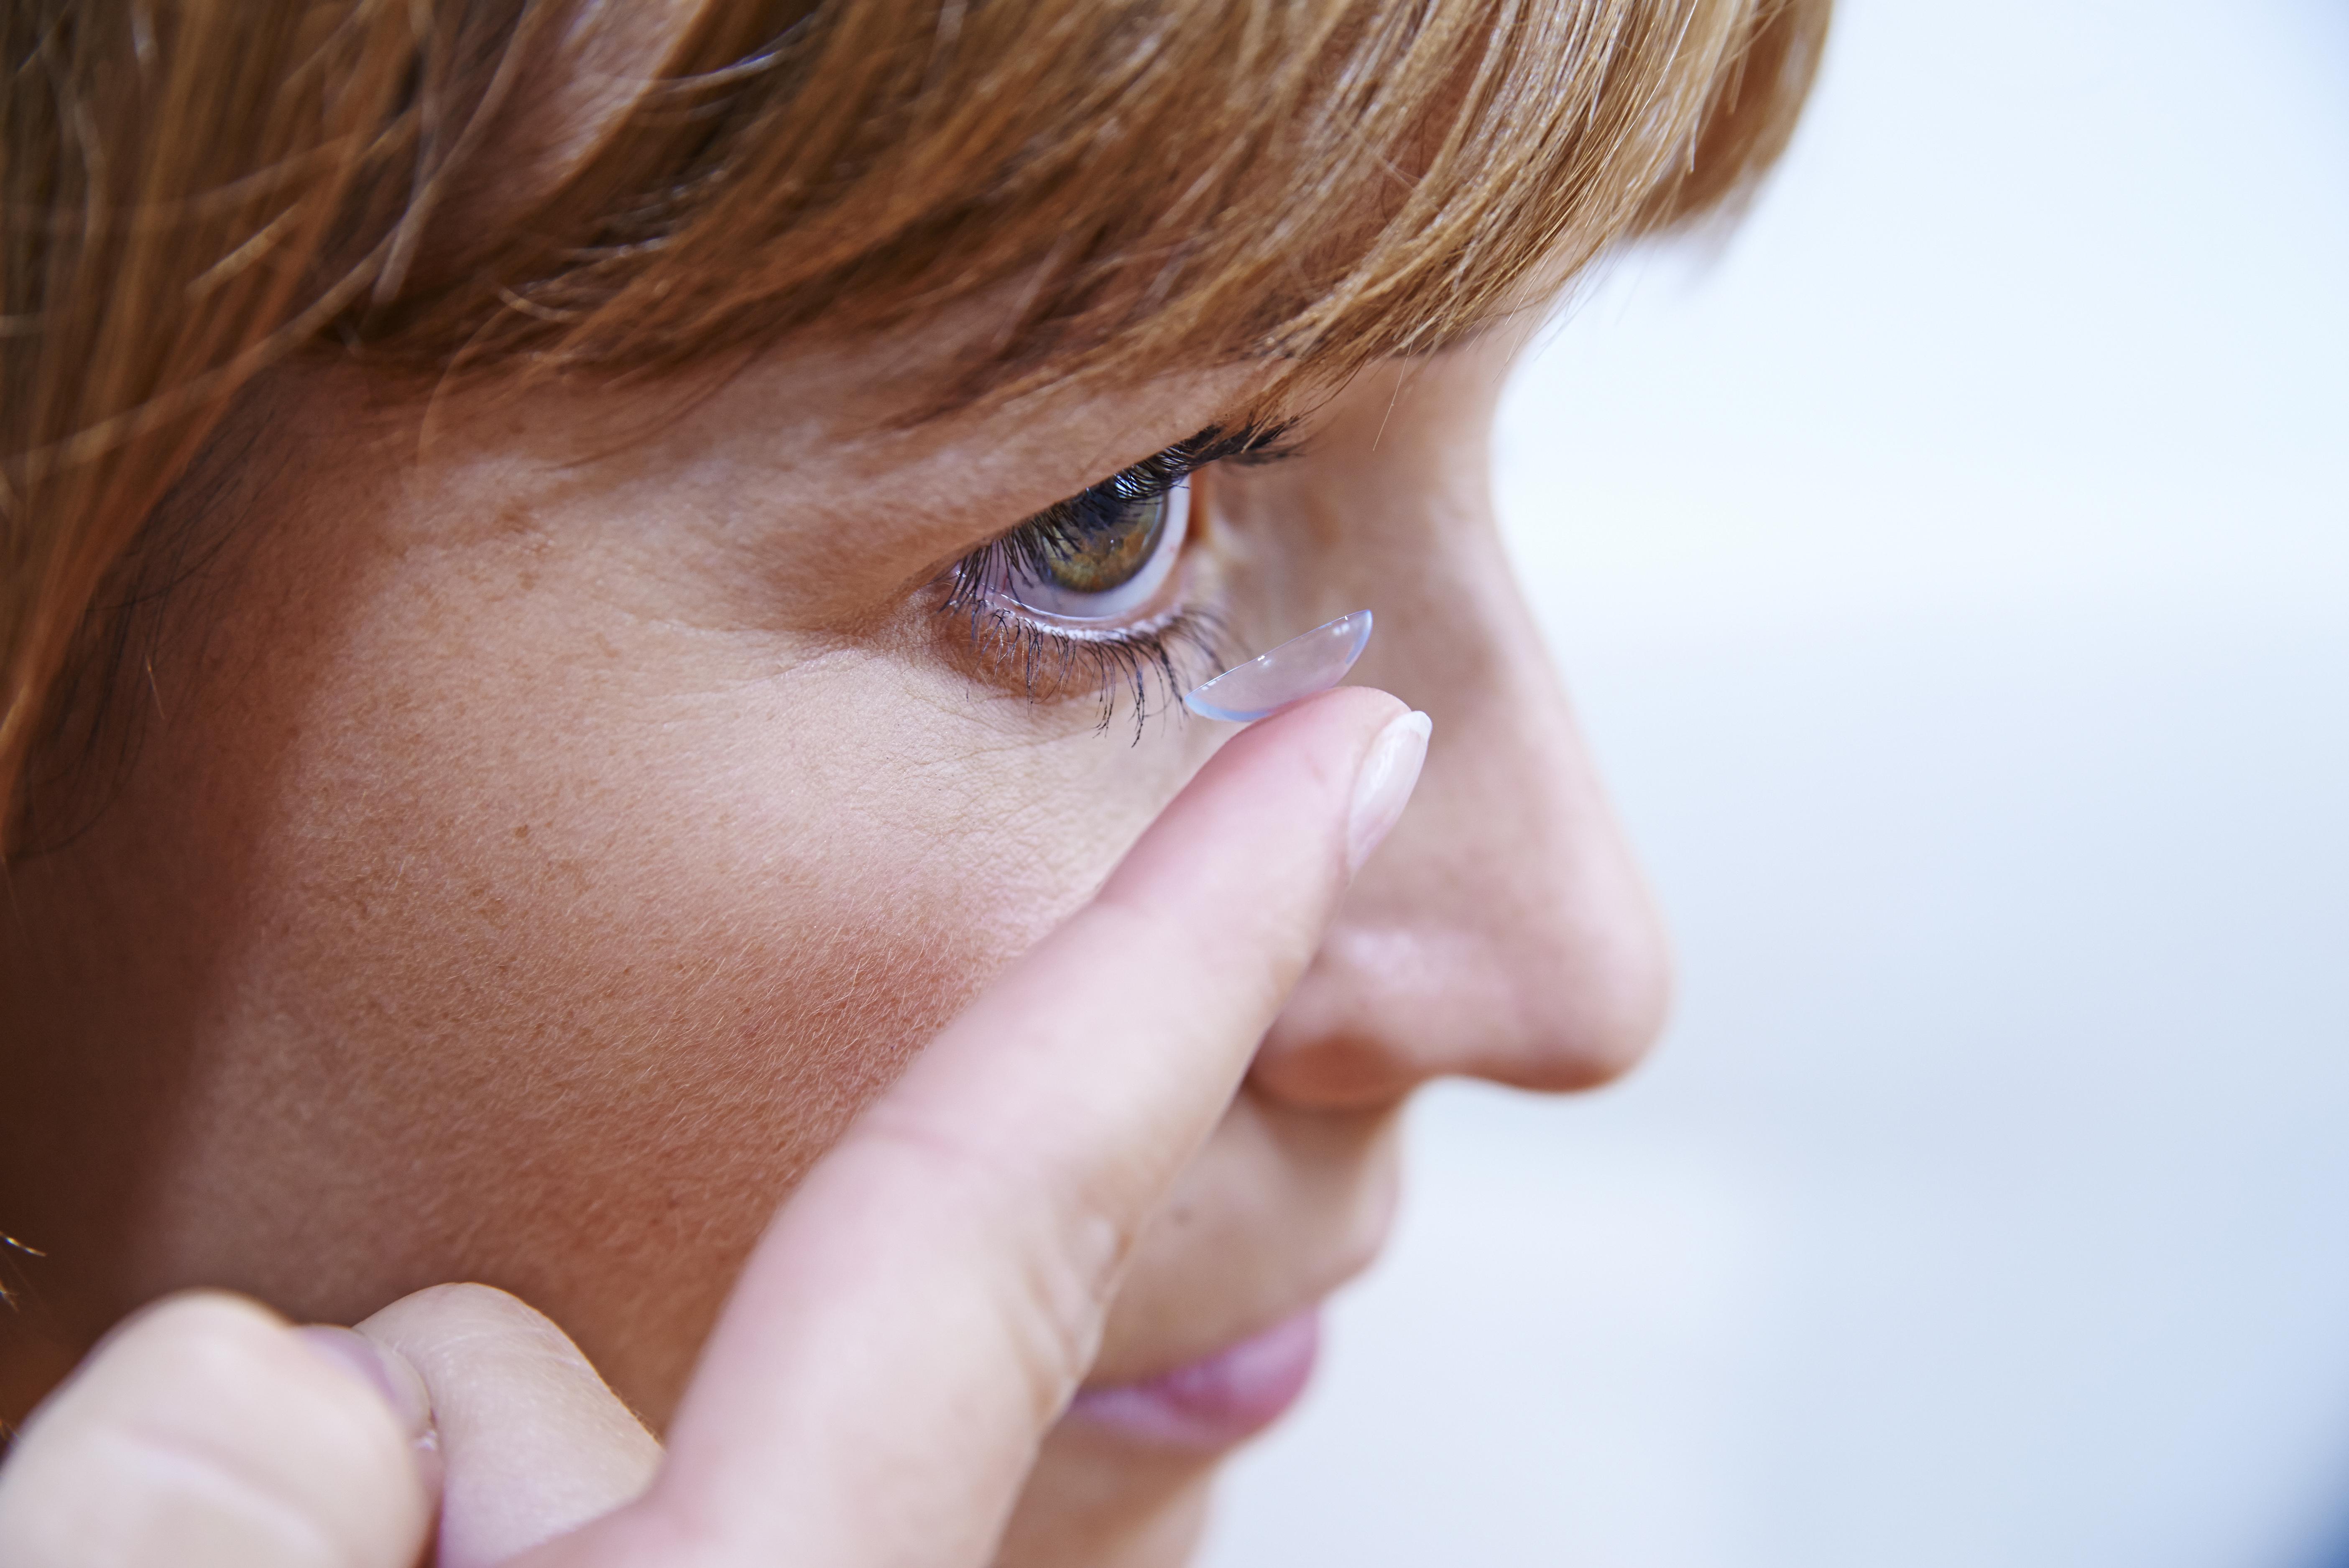 27 kontaktlencsét távolítottak el egy birminghami nő szeméből